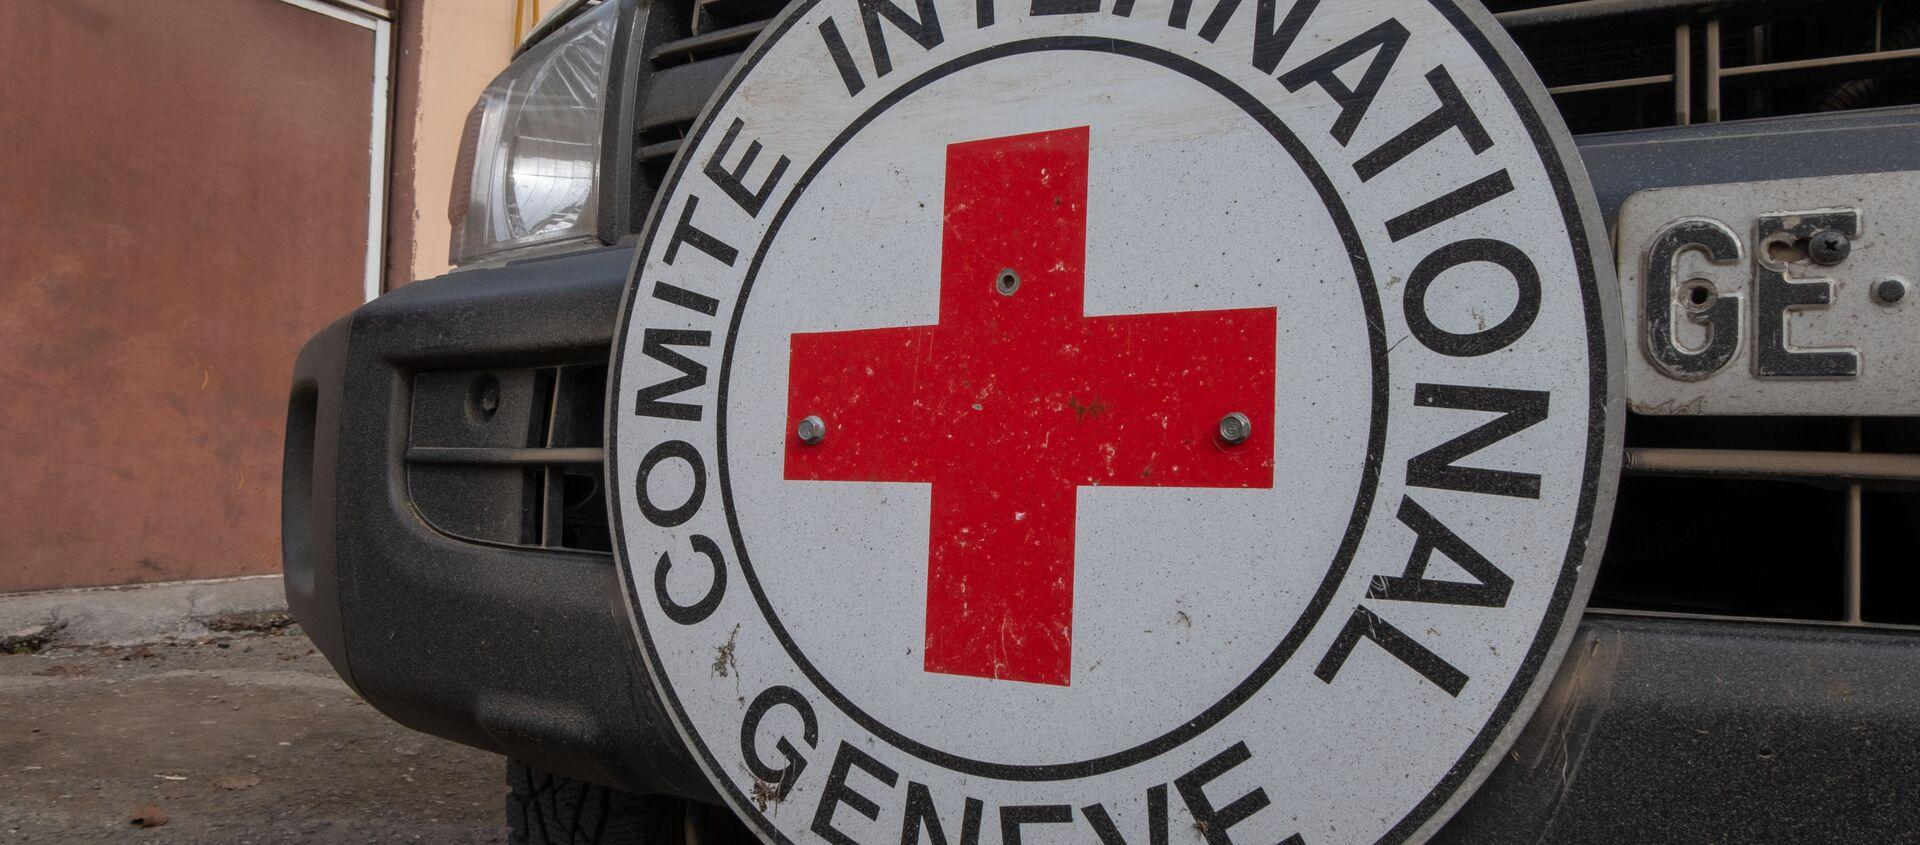 Xe cứu trợ của Hiệp Hội Chữ thập đỏ và Trăng lưỡi liềm đỏ quốc tế (ICRC) - Sputnik Việt Nam, 1920, 08.05.2021